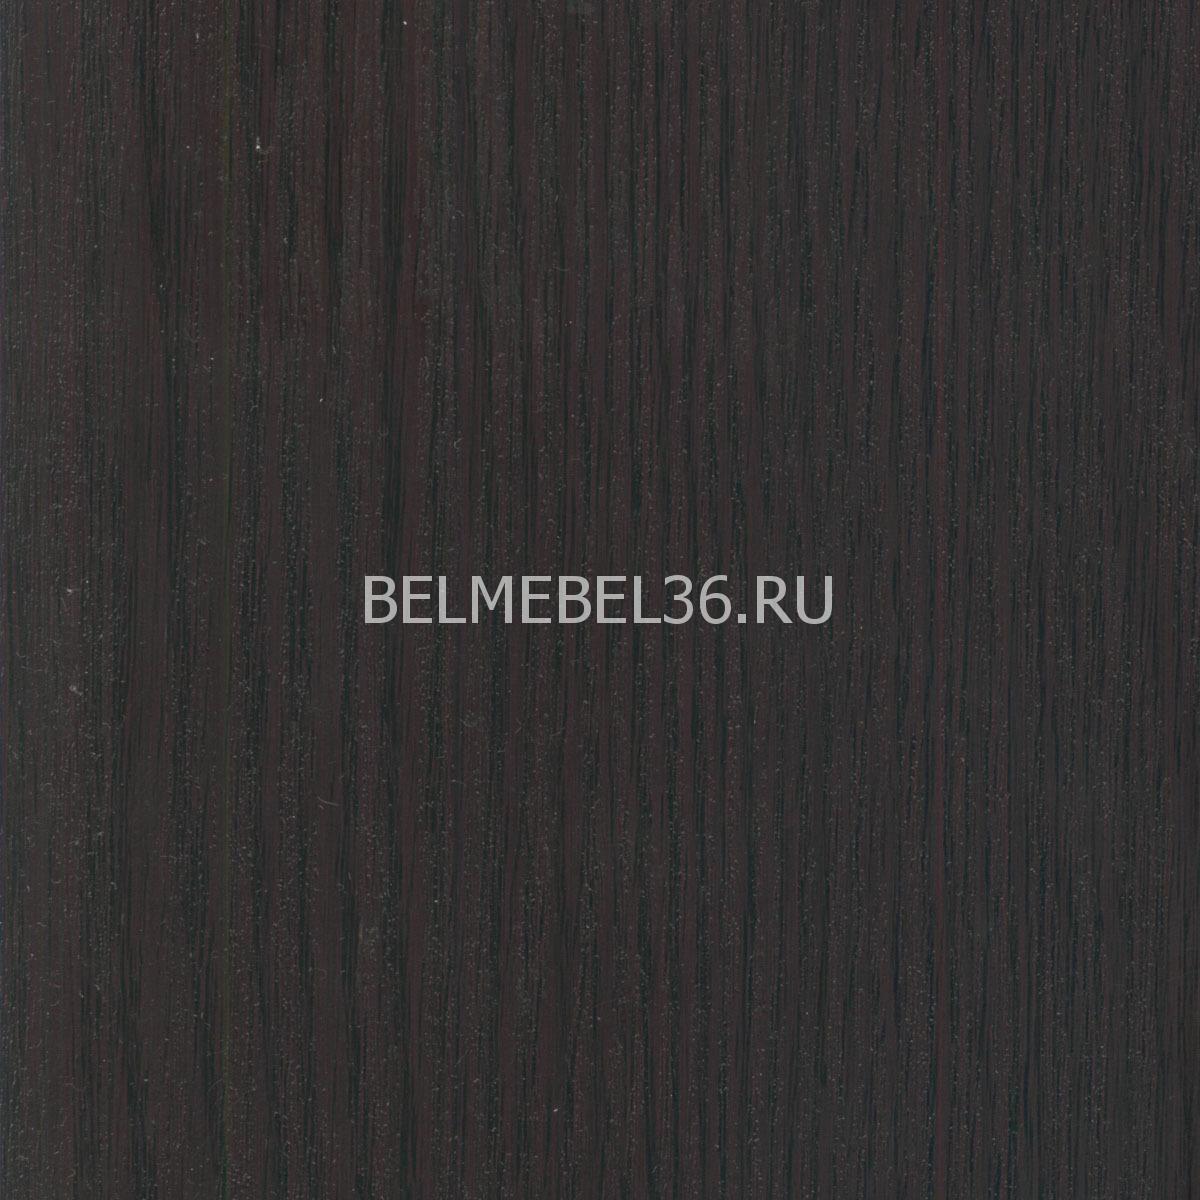 Диван Олимпик 1 (угловой)   Белорусская мебель в Воронеже